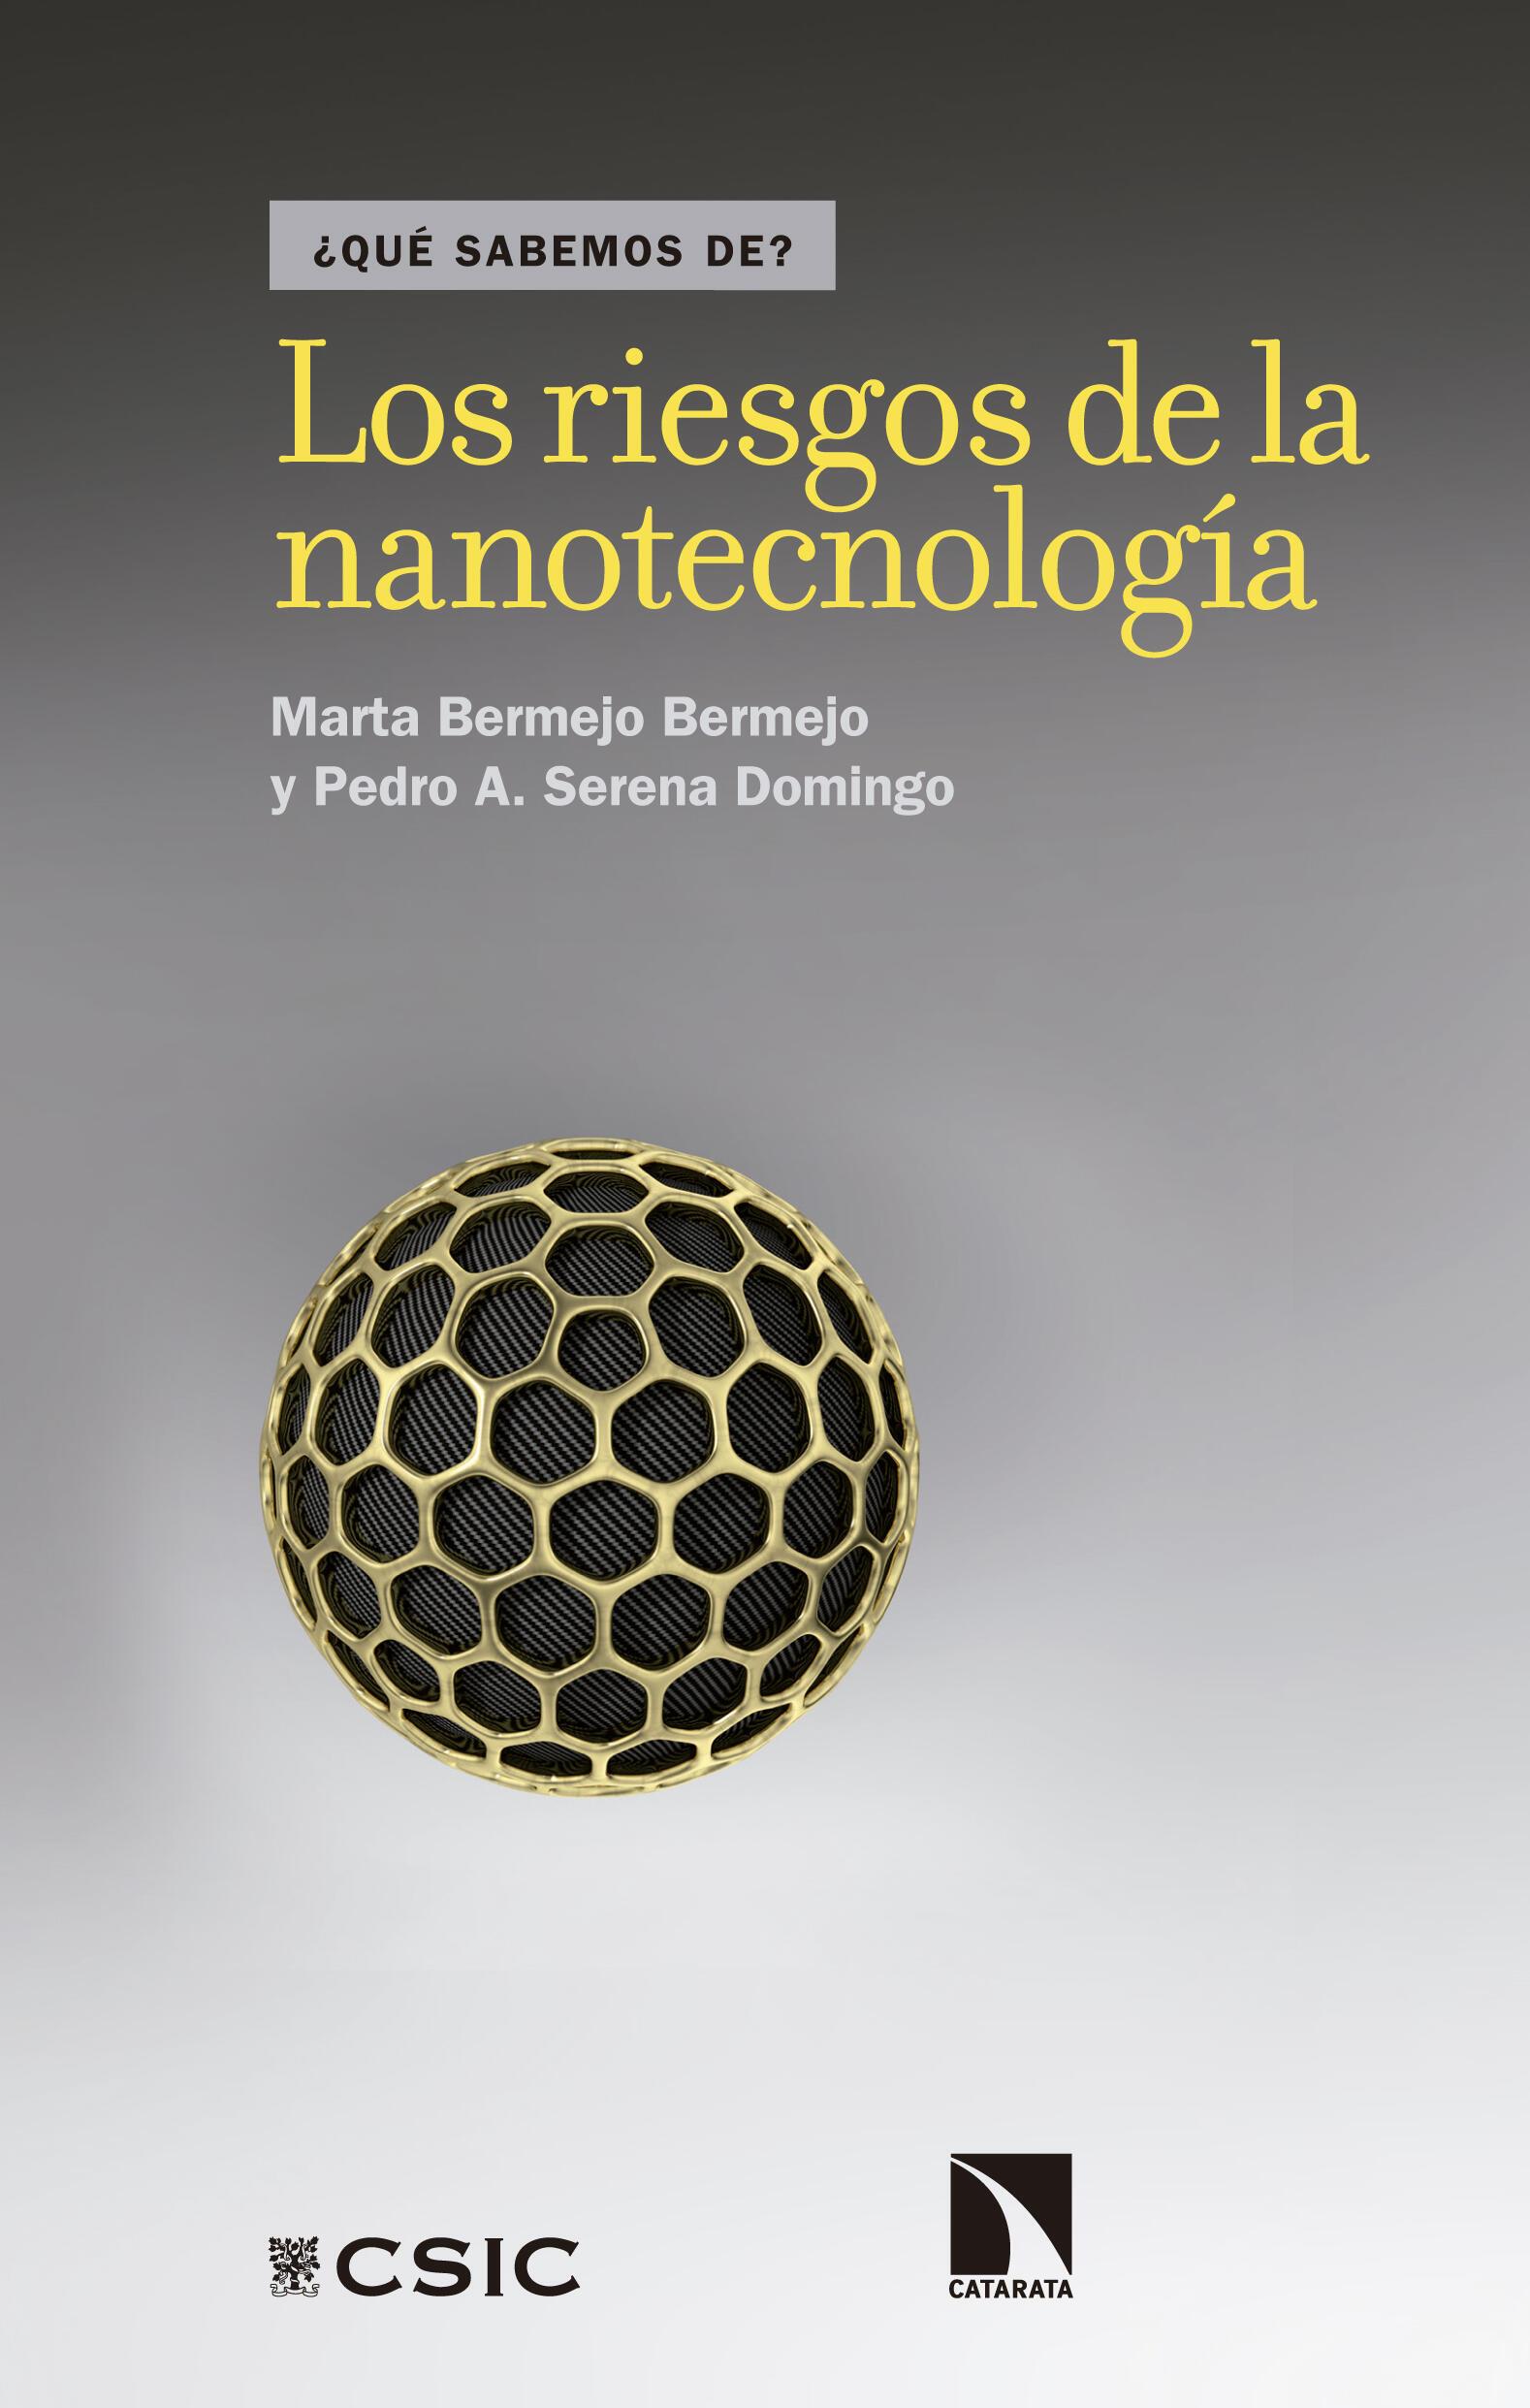 Portada del libro 'Los riesgos de la nanotecnología' de los doctores Marta Bermejo Bermejo y Pedro A. Serena Domingo.